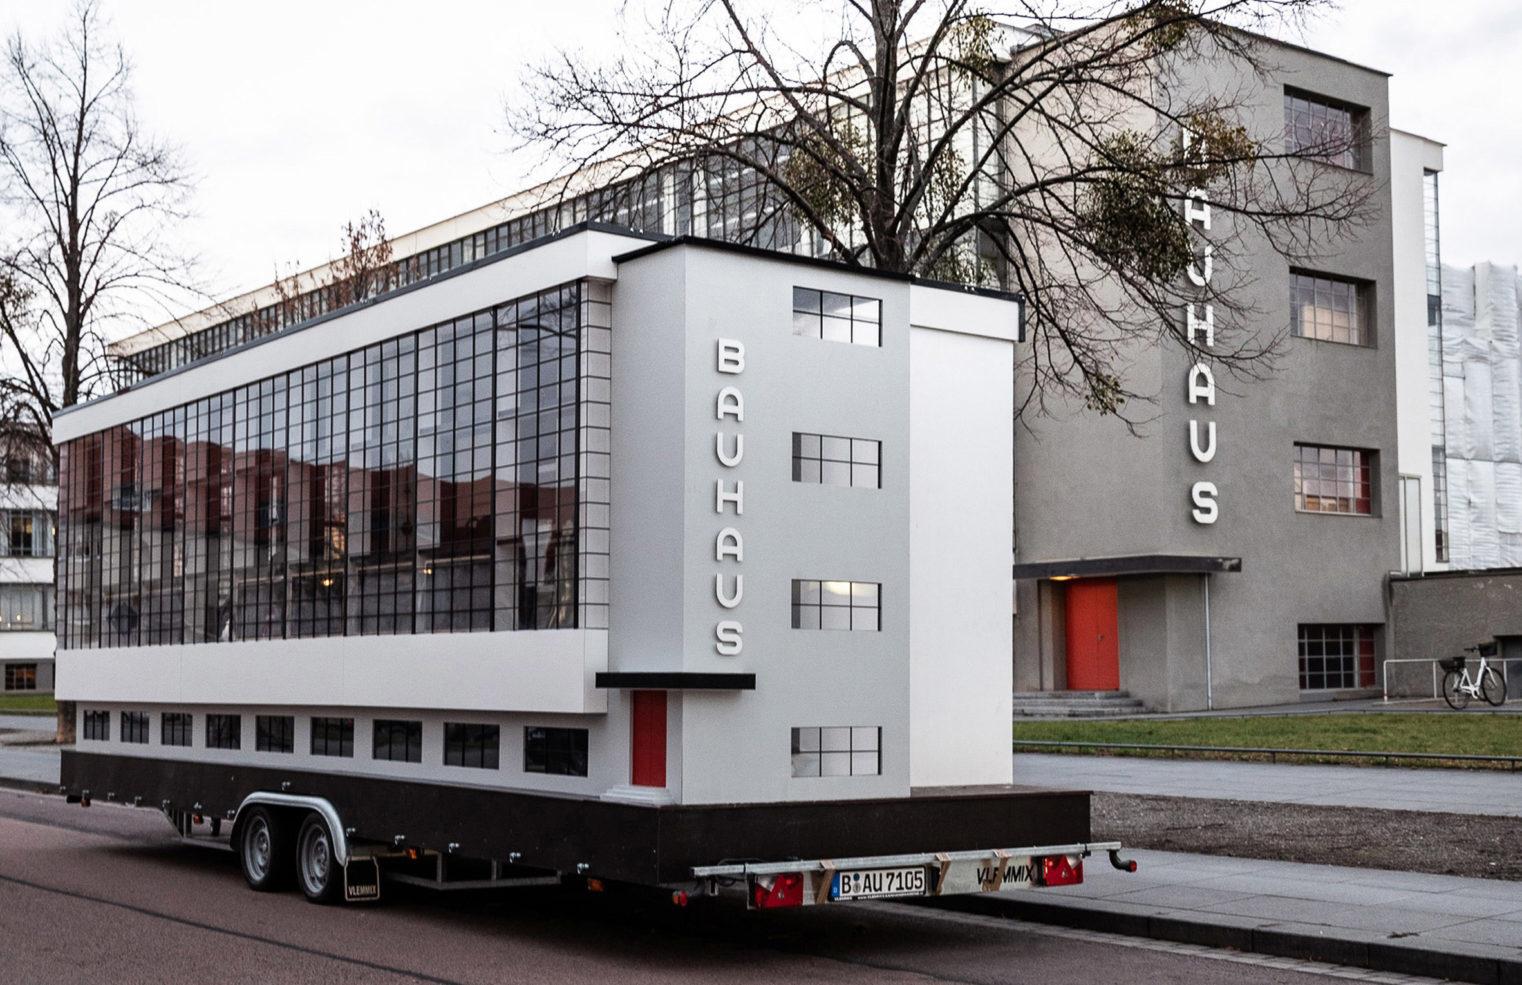 Le bus Bauhaus à Dessau, image ©Van Bo Le-Mentzel